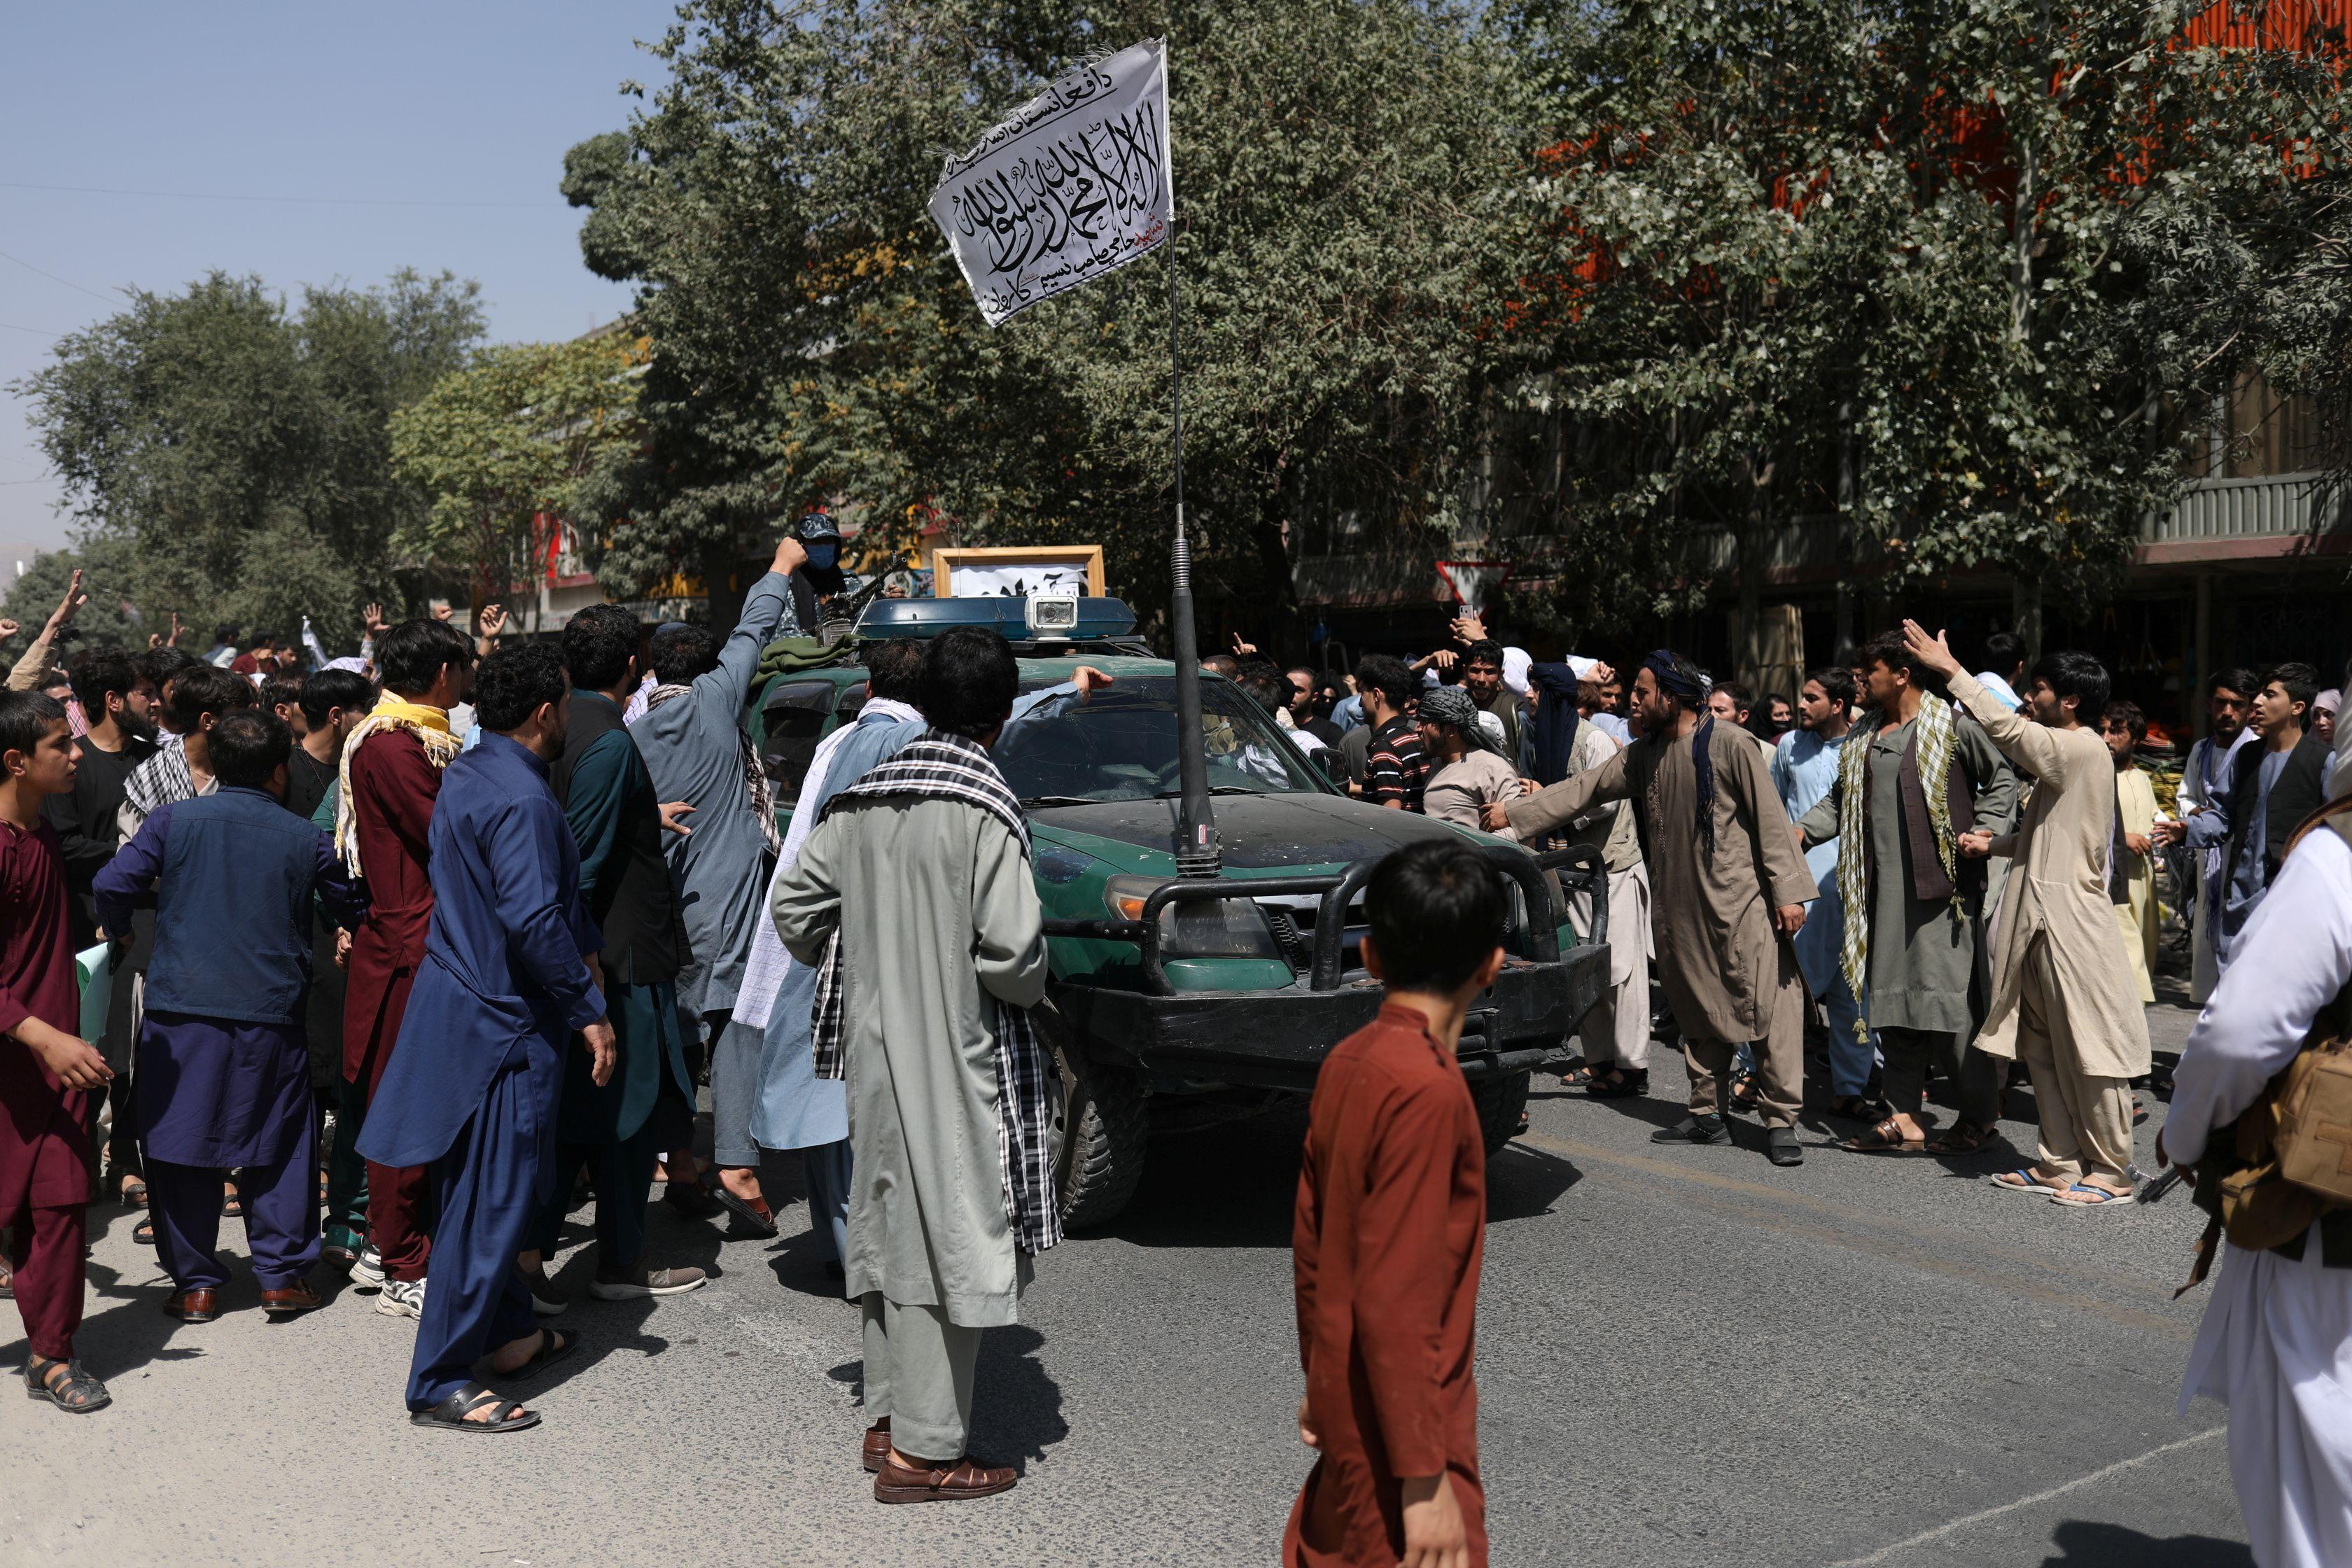 Mae protestwyr yn ymgynnull o amgylch car gyda baner y Taliban wedi'i godi ar ei ben yn ystod y brotest gwrth-Bacistan yn Kabul, Afghanistan, Medi 7, 2021. WANA (Asiantaeth Newyddion Gorllewin Asia) trwy REUTERS